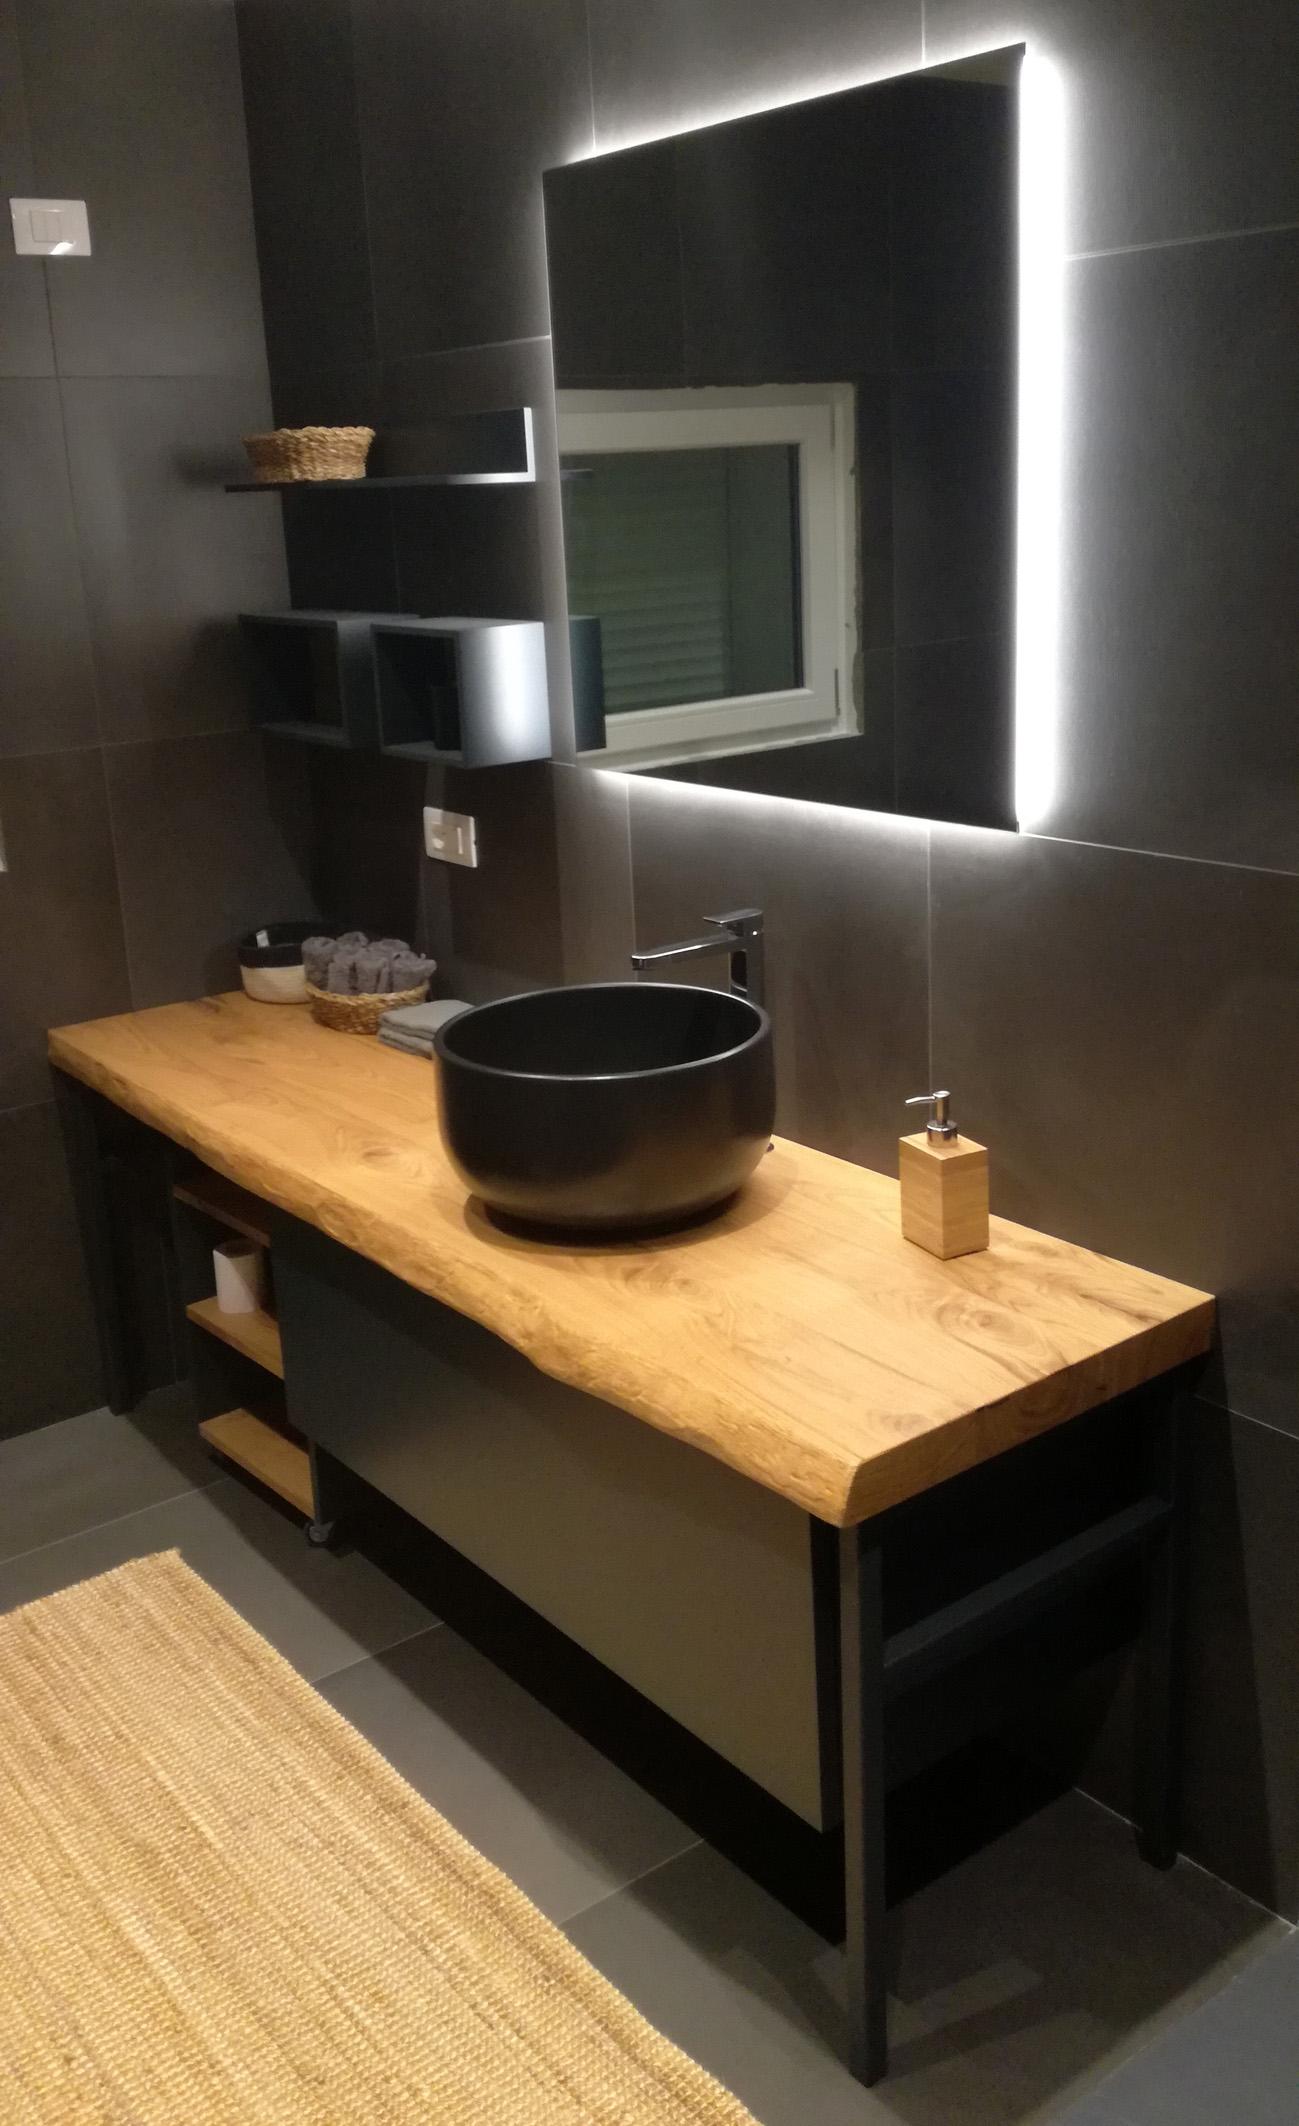 Mobile bagno industrial black con pianale in legno for Mobili di design in offerta